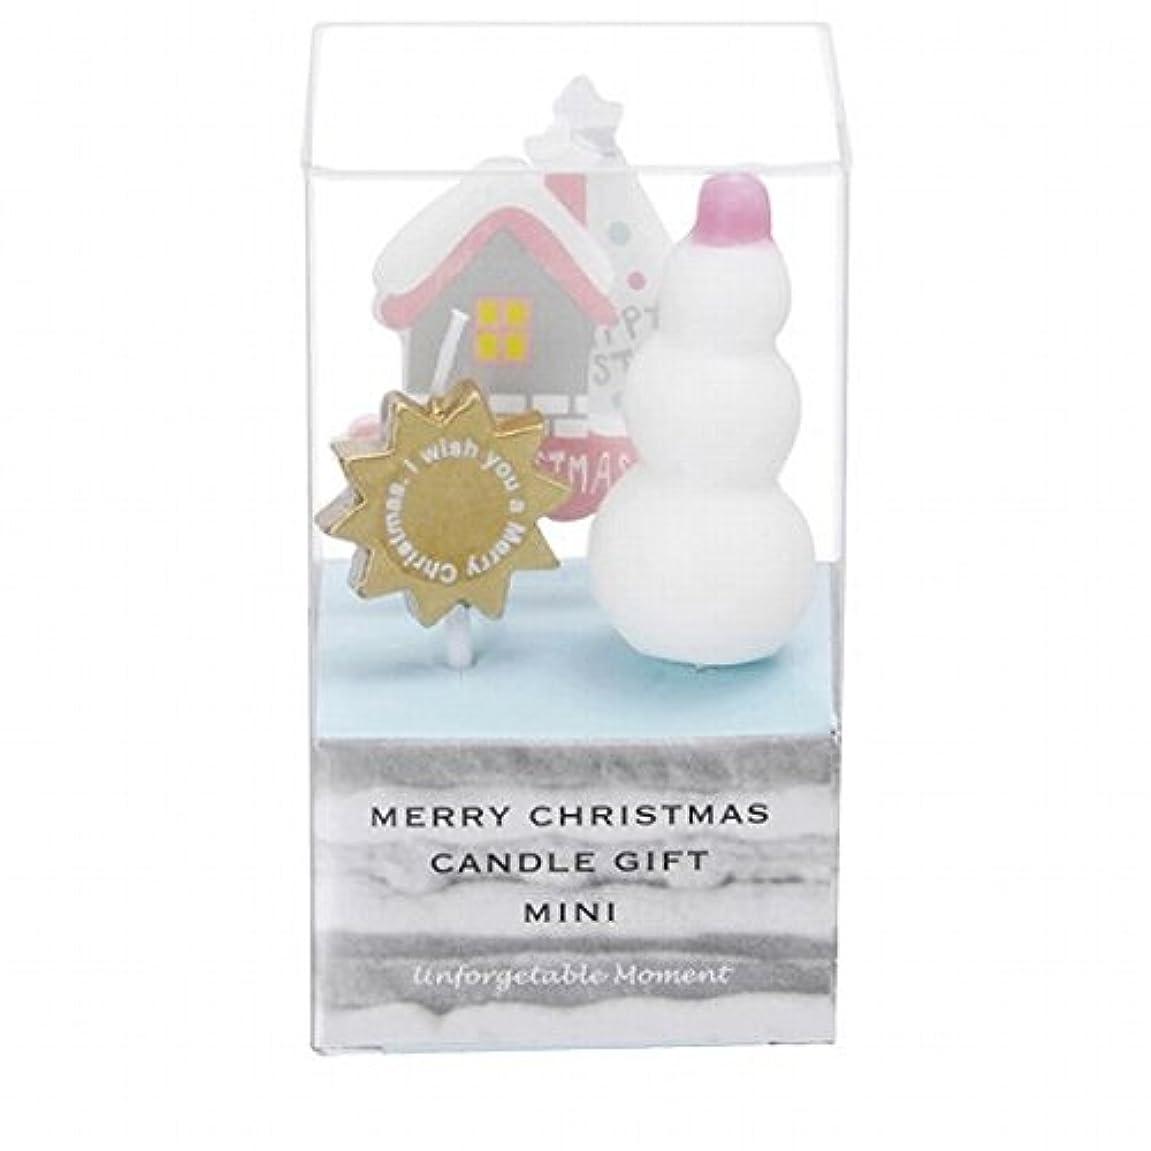 松明矛盾する中庭カメヤマキャンドル(kameyama candle) クリスマスキャンドルギフトミニ 「 B 」